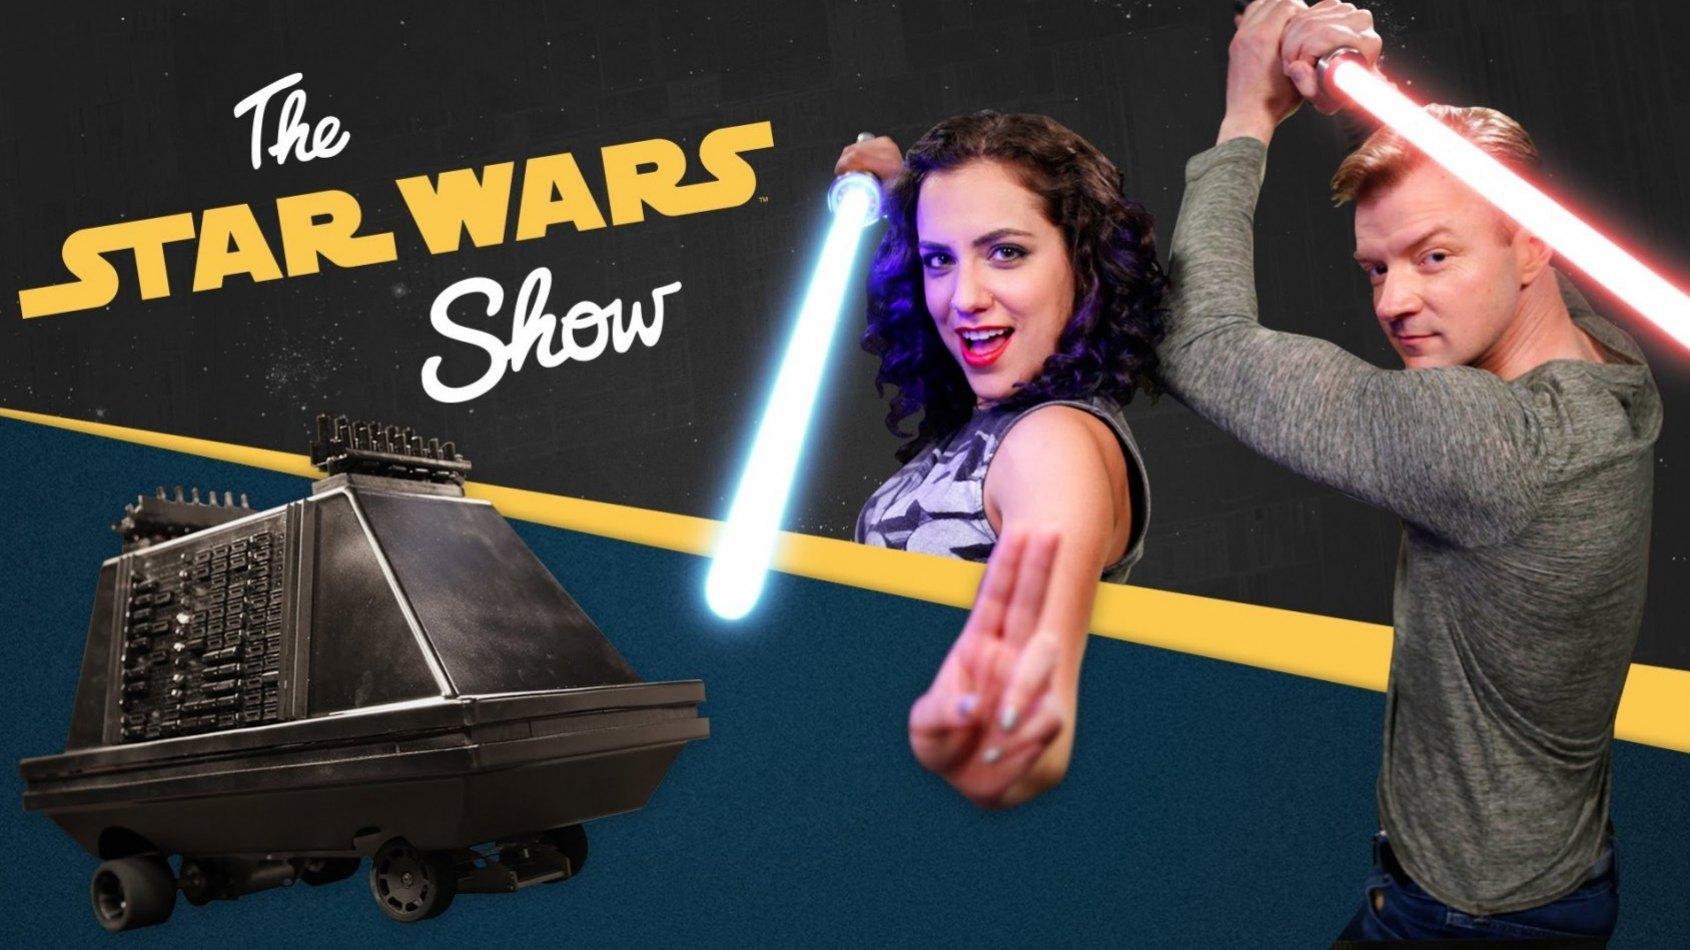 L'�pisode 8 du Star Wars show disponible